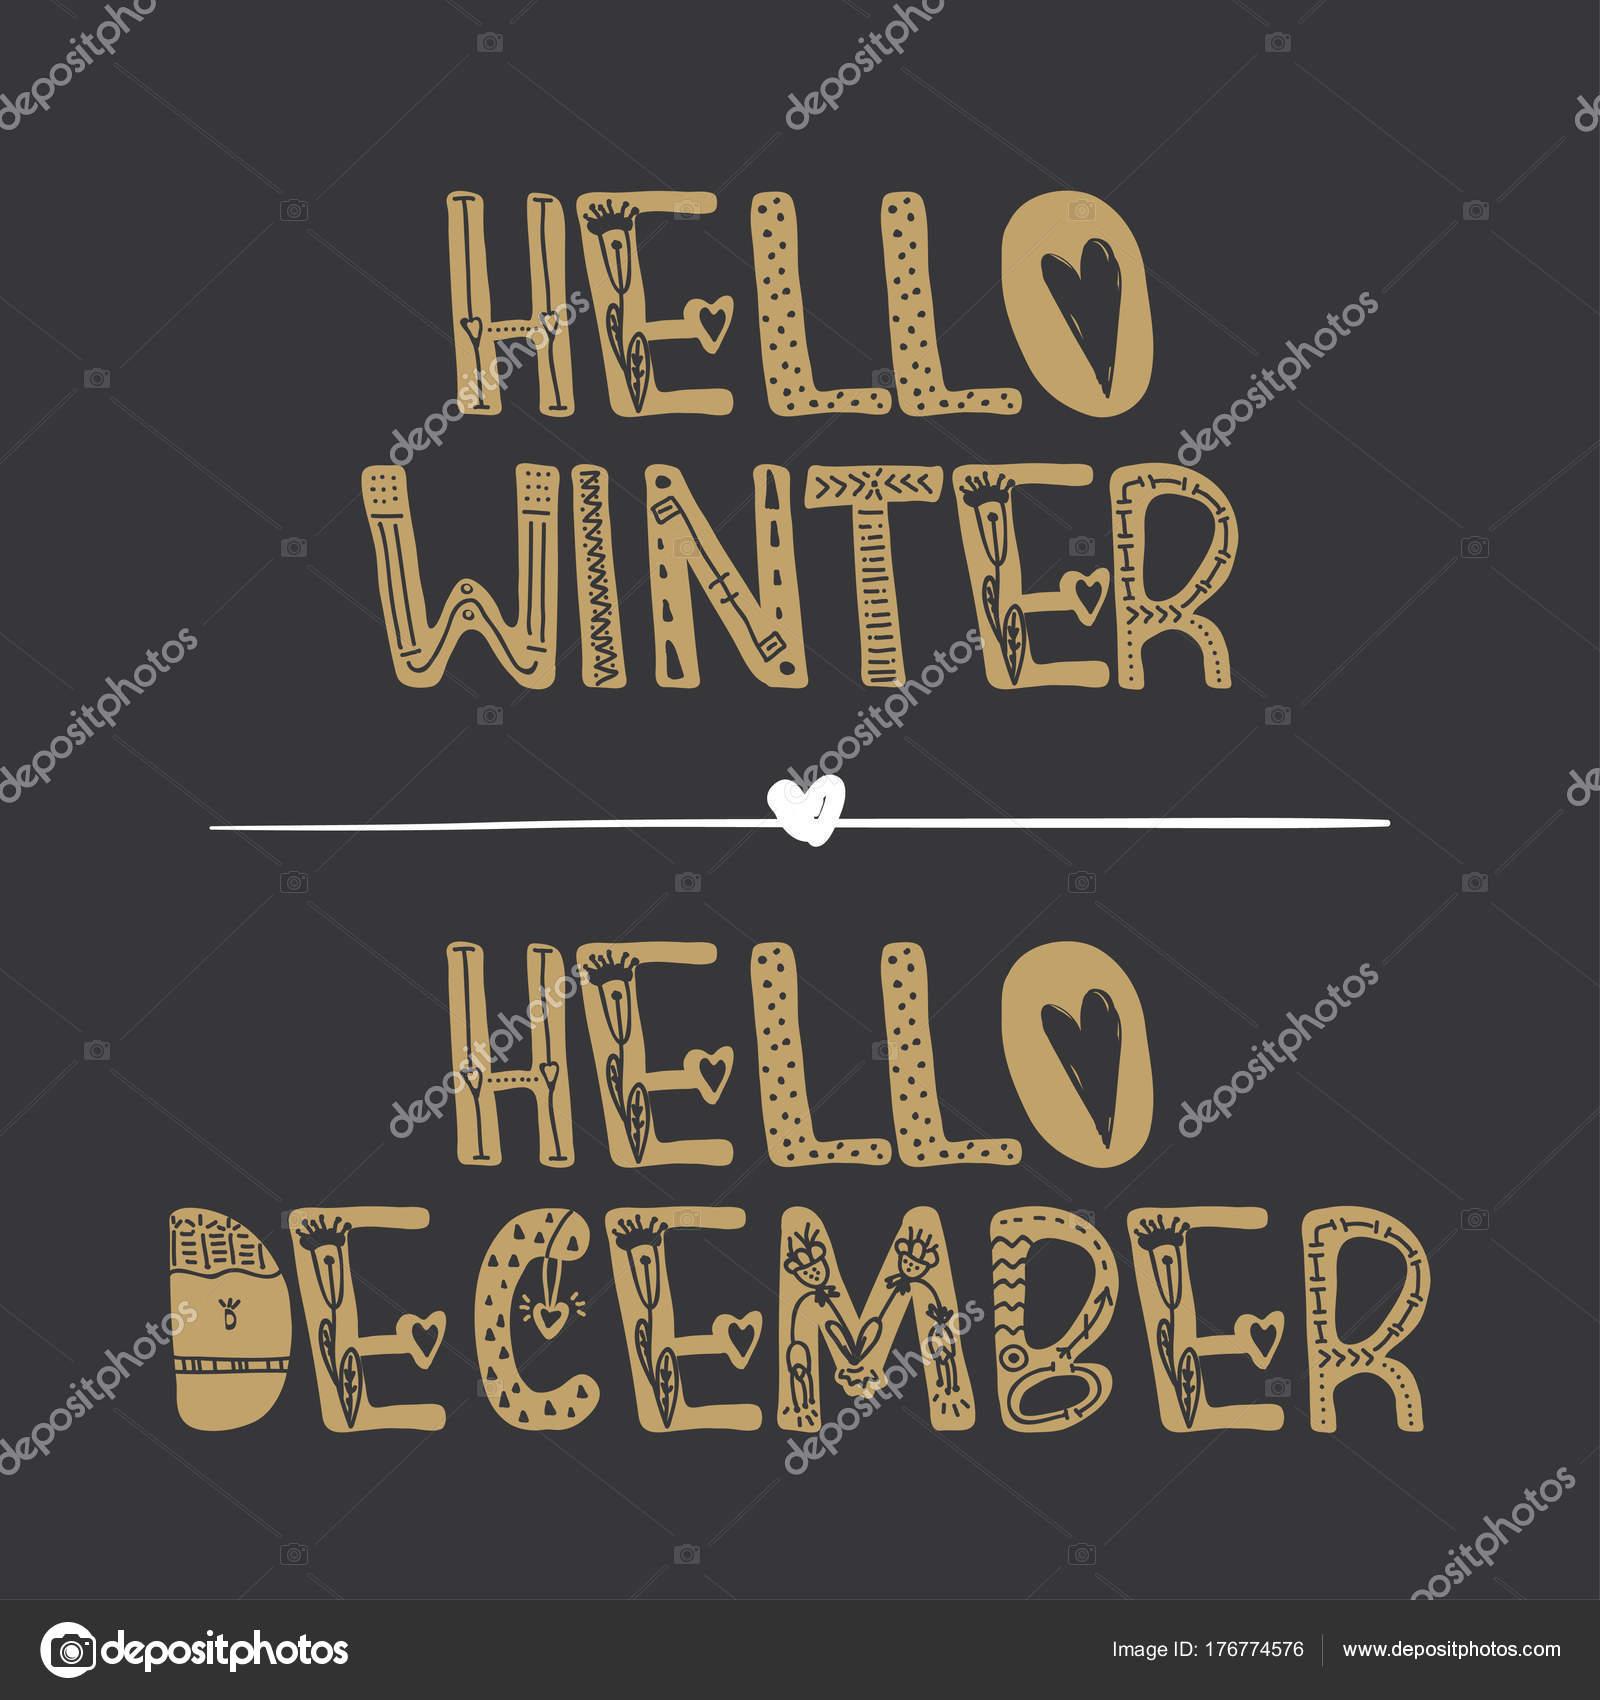 8ccf5bf5b4 Διάνυσμα χέρι διακοσμητικά γράμματα χειμώνα Γεια και γειά σου Δεκεμβρίου.  Για εκτύπωση